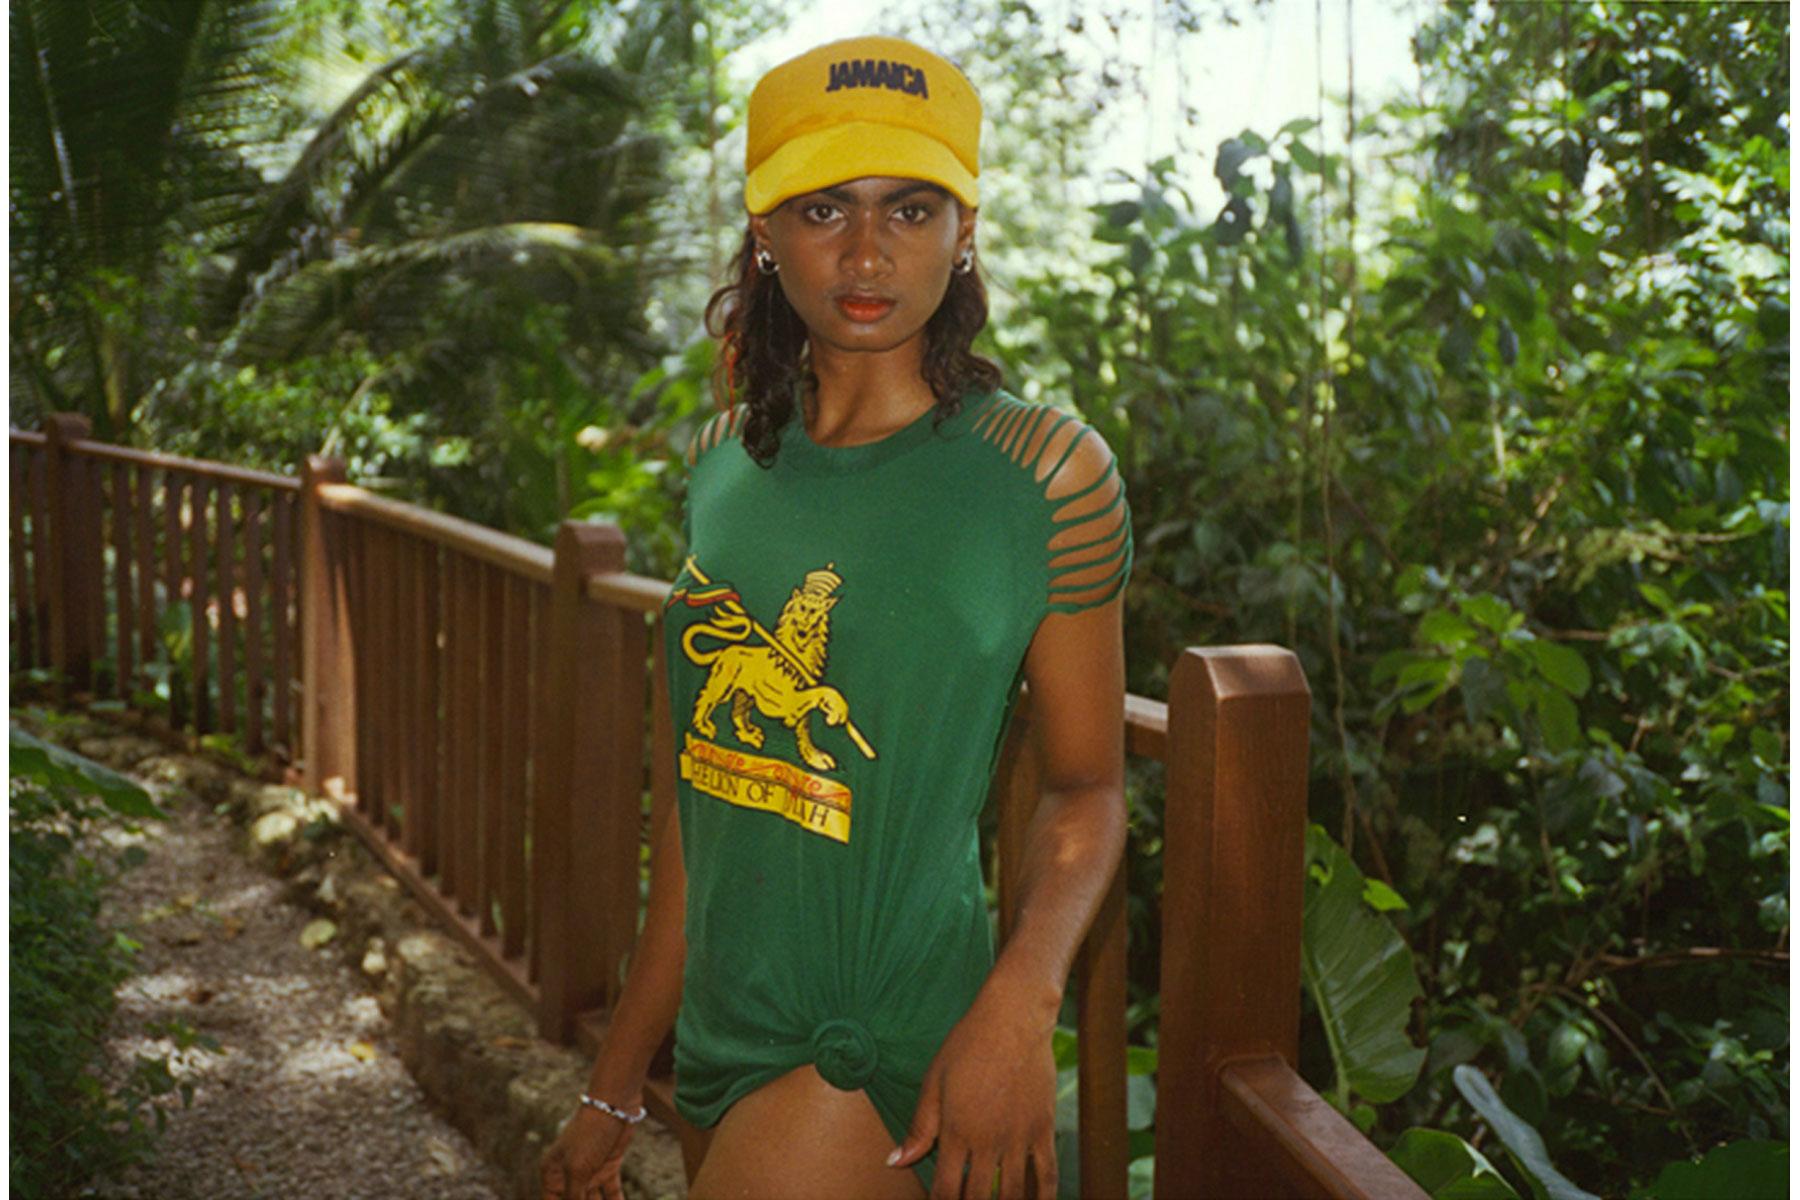 Jamaica-Jamil-1.jpg